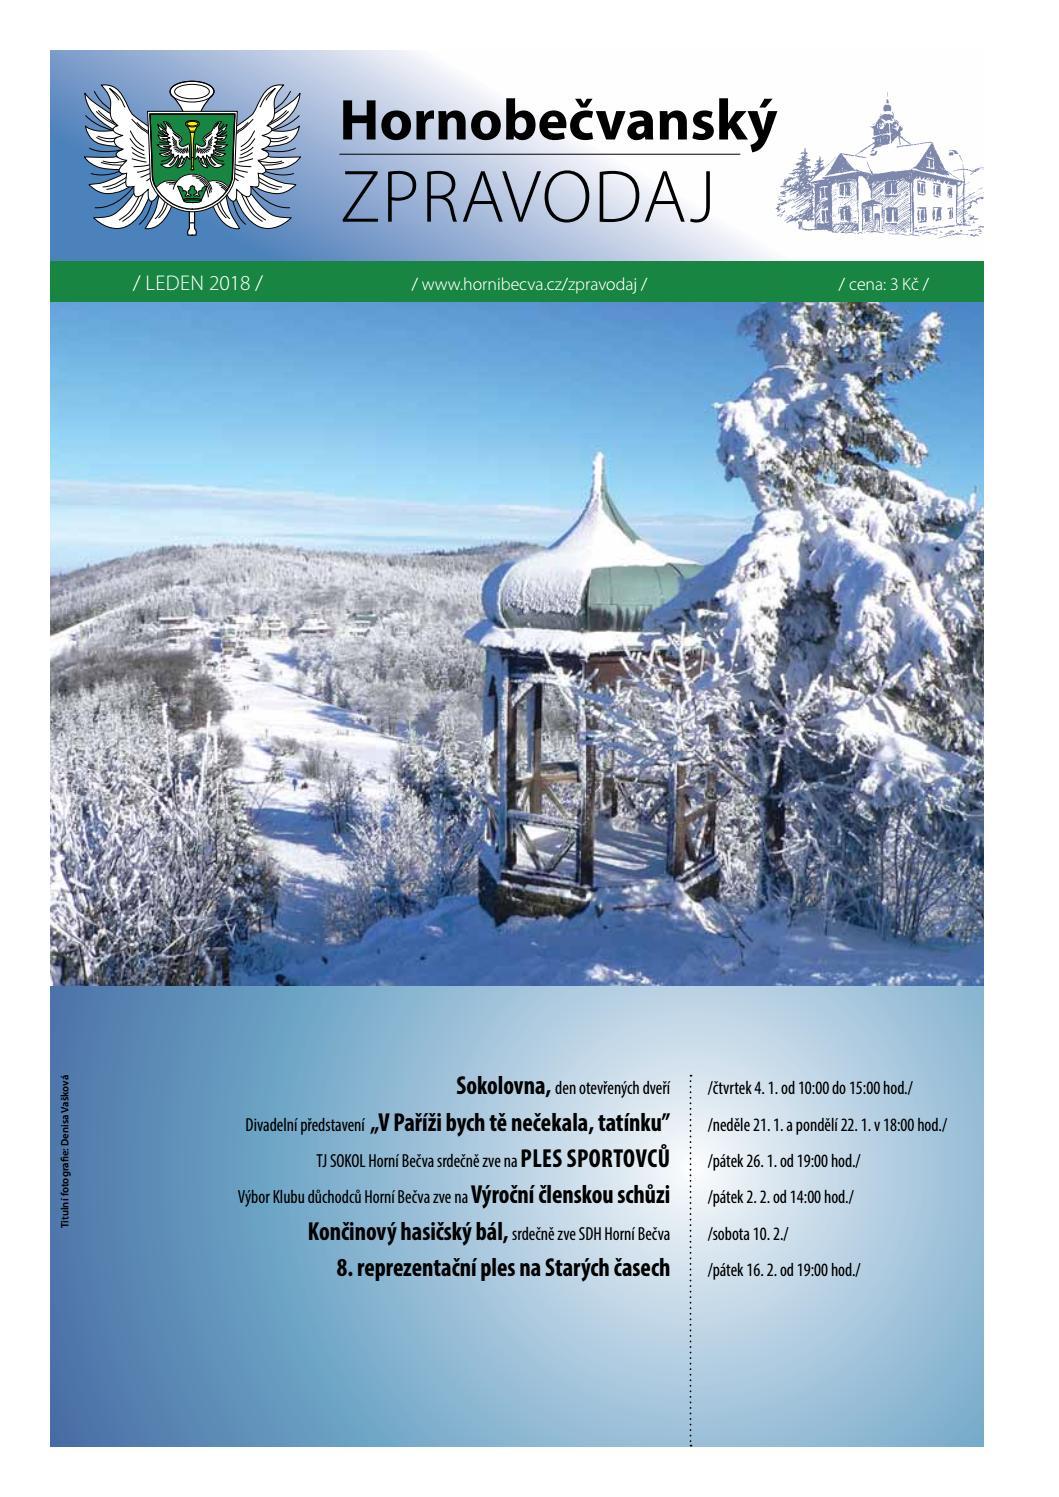 Hornobevansk zpravodaj - jen 2019 by Obec Horn Beva